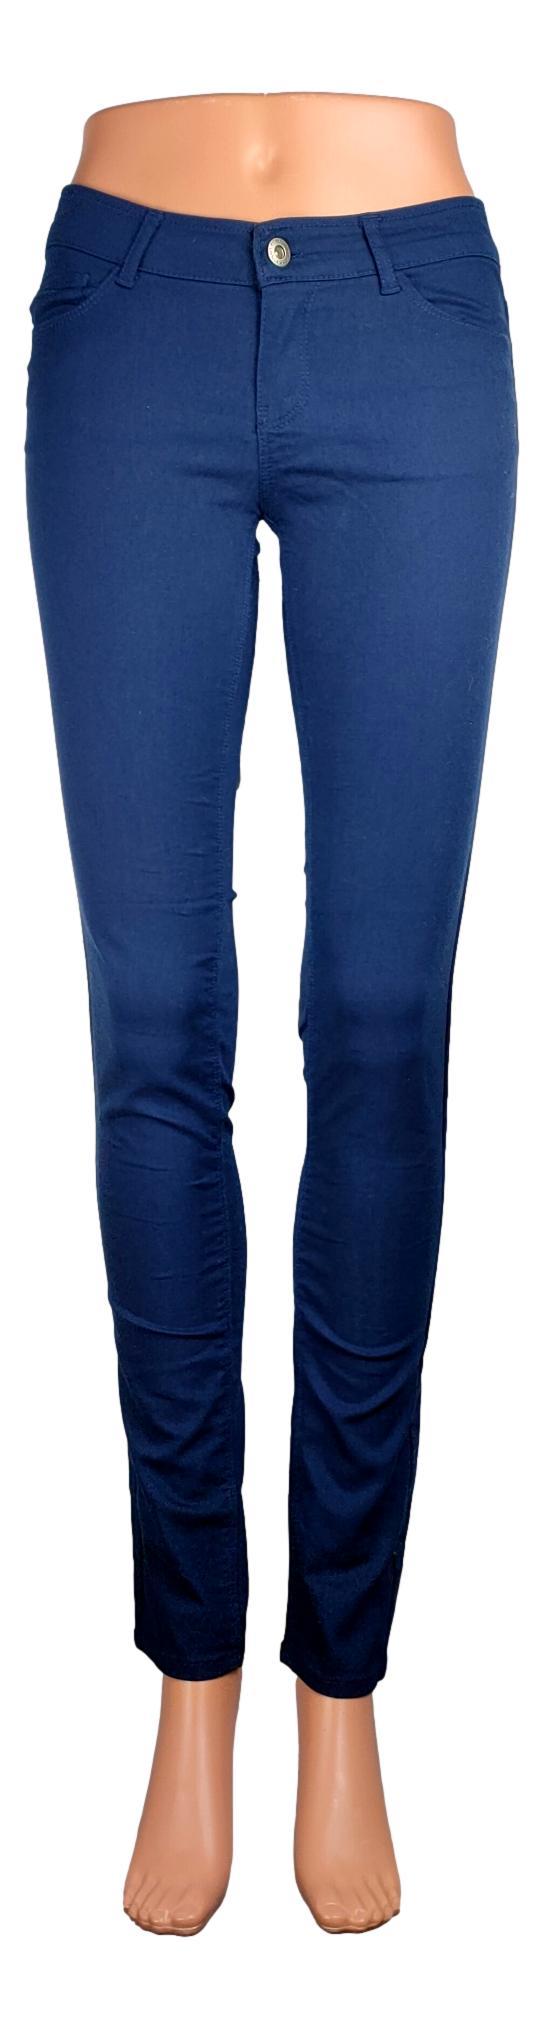 Pantalon LH La Halle -Taille 34